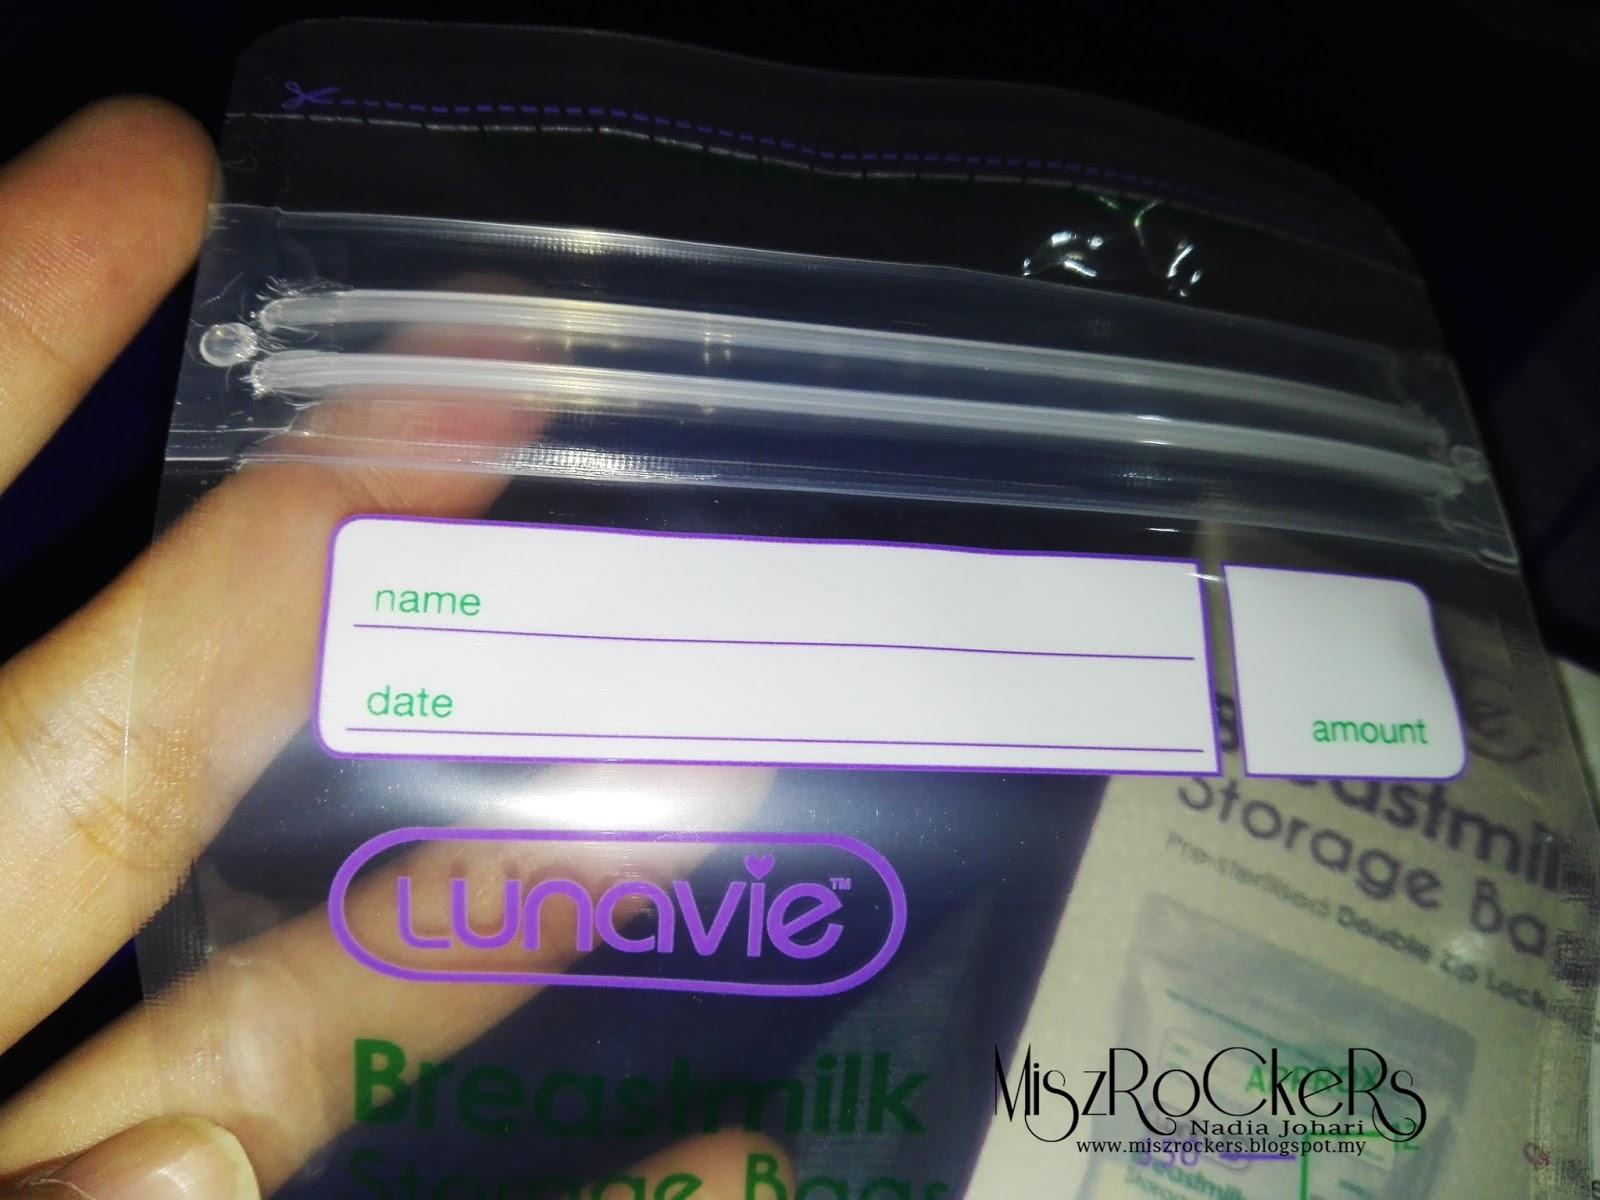 PLASTIK SIMPANAN SUSU DARI LUNAVIE MENJIMATKAN RUANG ( BREASTMILK STORAGE BAGS )